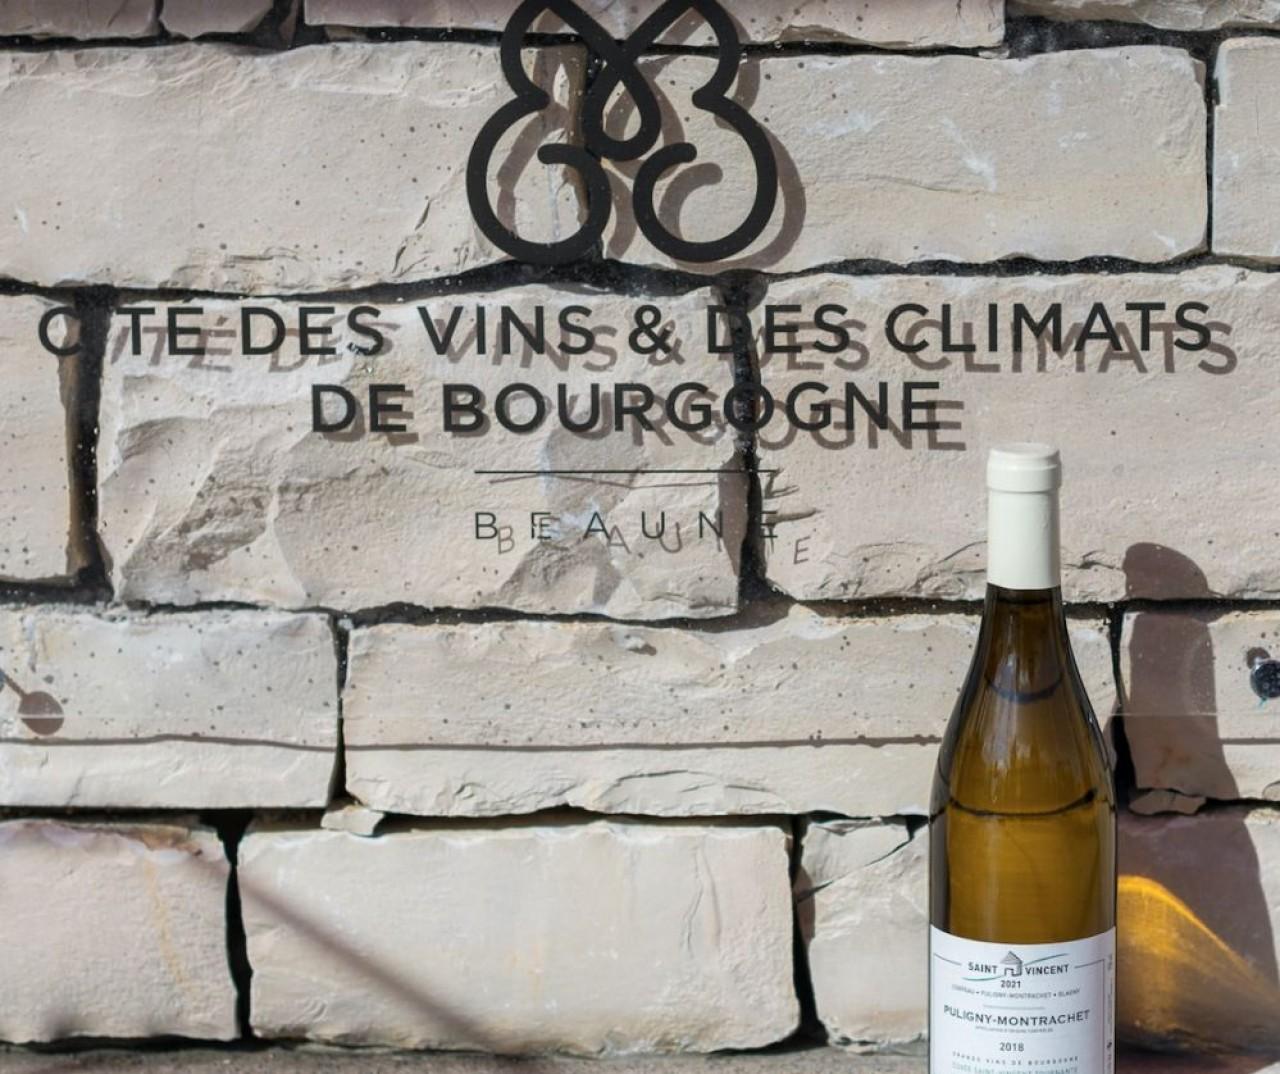 La première pierre de la Cité des Vins de Beaune a rendu hommage à la Saint- Vincent Tournante 2021, repoussée à 2022, dont une bouteille de la cuvée dédiée est présentée devant un échantillon du socle du bâtiment en pierre de Comblanchien. © Michel Joly